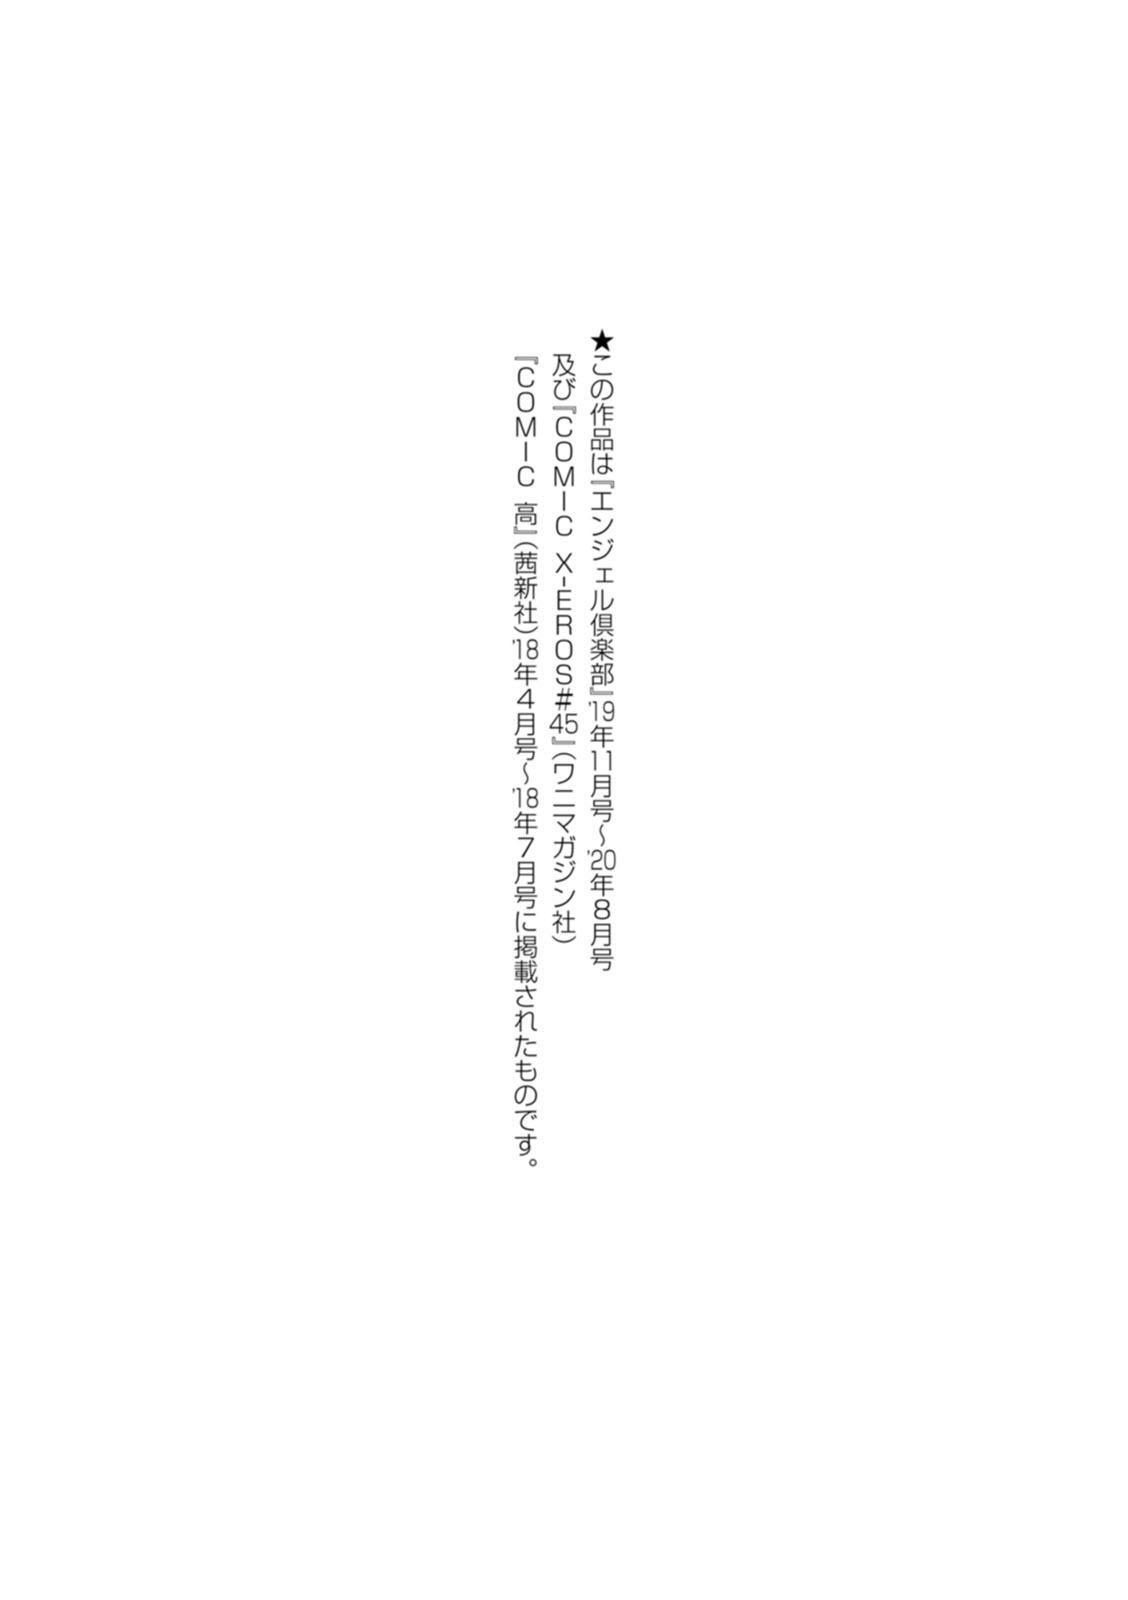 Health Angel Kango no Oshigoto 194